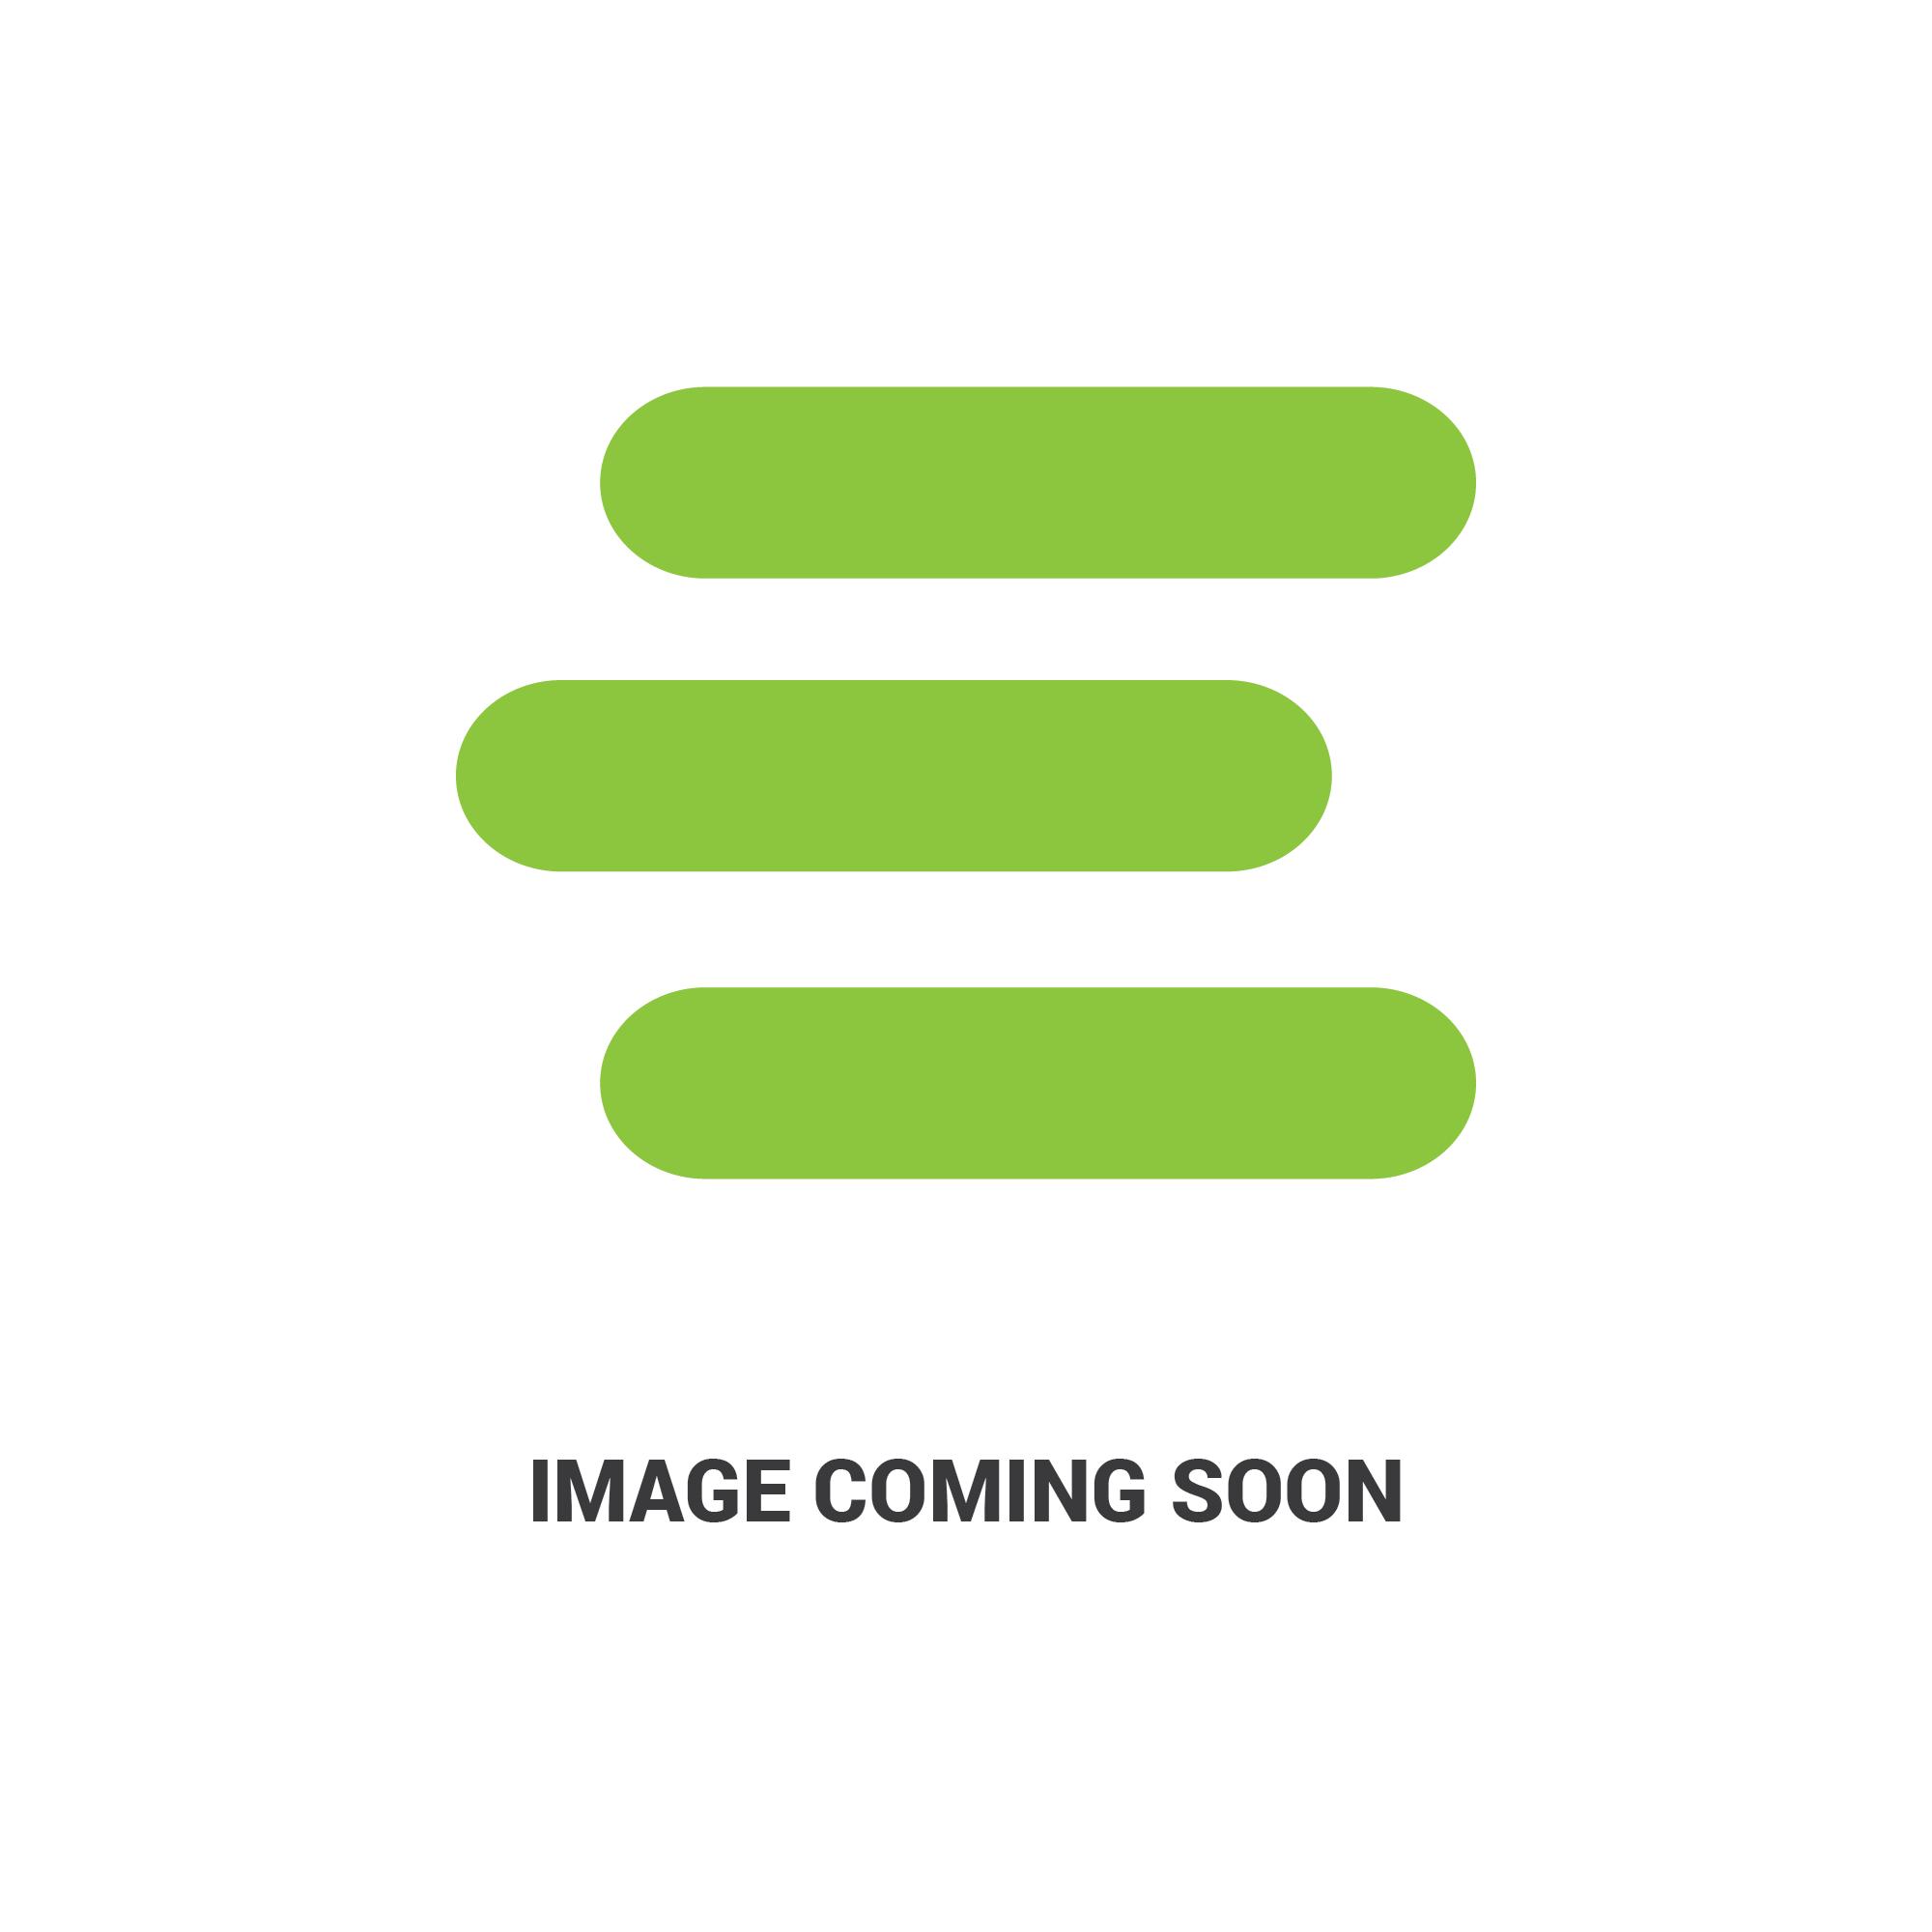 E-BE007edit 1.jpg